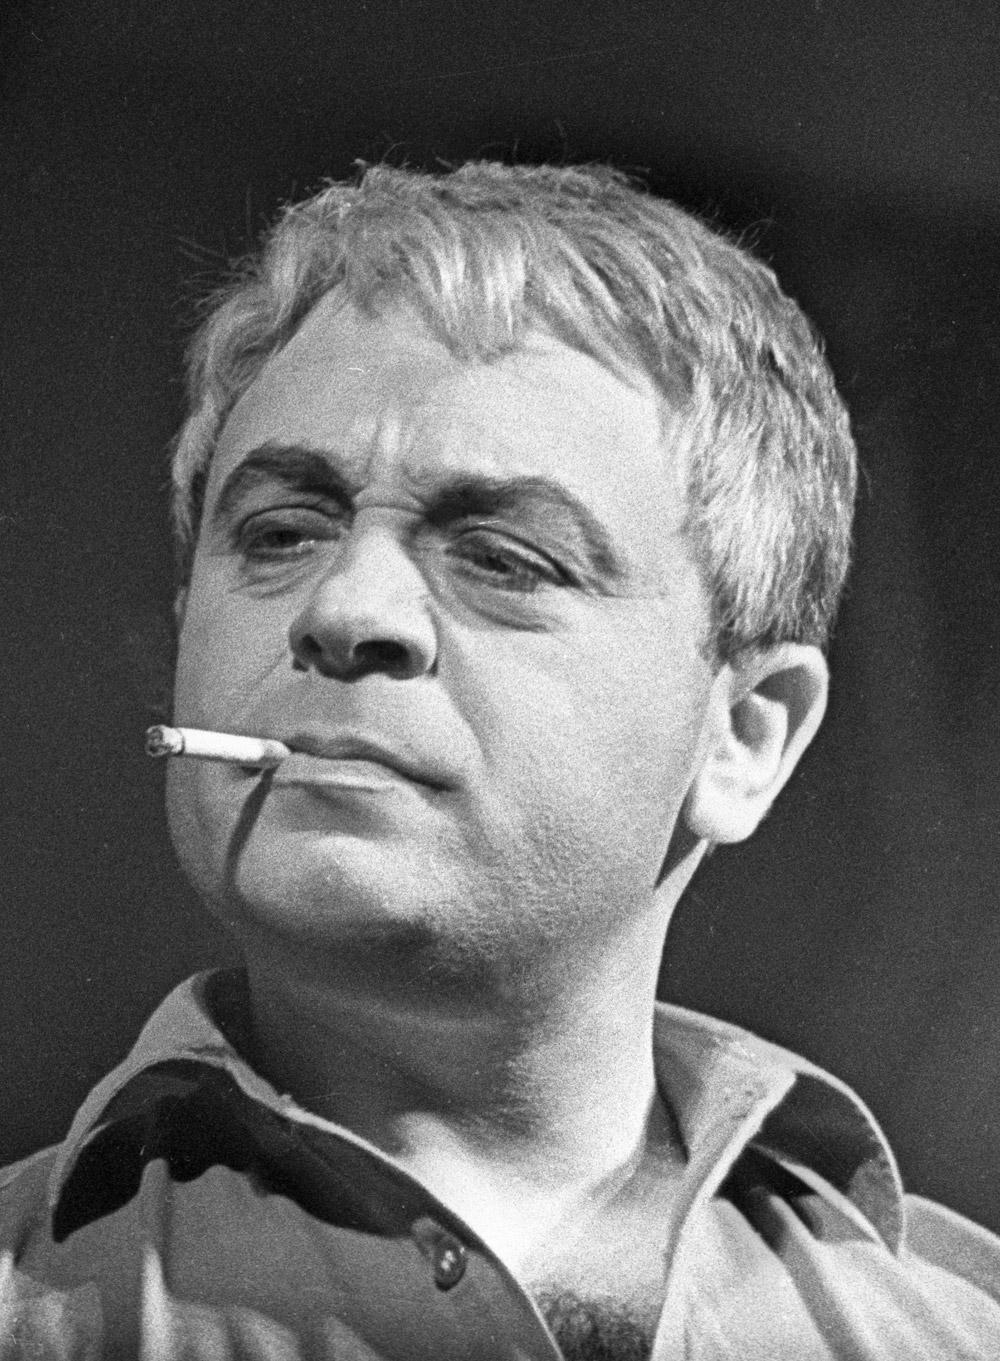 Московского драматического театра Леонид Броневой в роли Моргана в спектакле «Мятеж неизвестных» по пьесе Генриха Боровика.